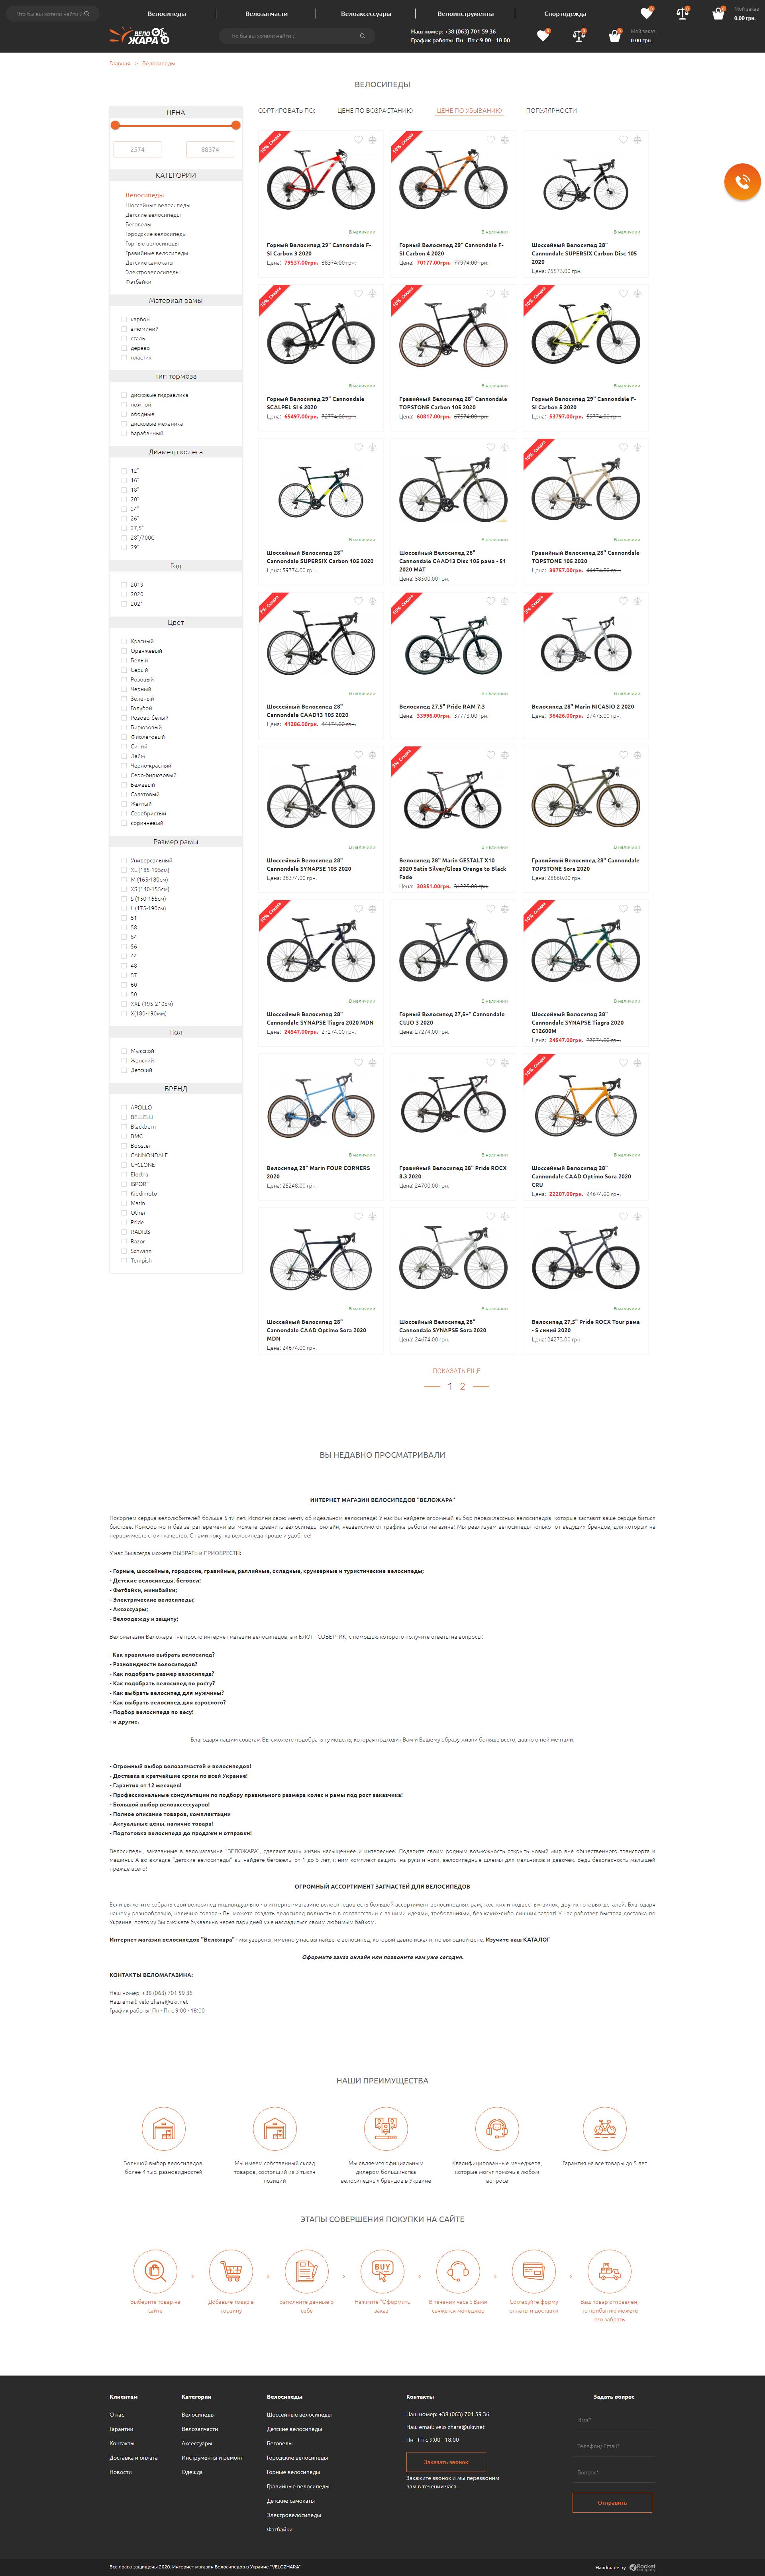 Laravel VueJS Интернет-каталог велосипедов (Николаев)